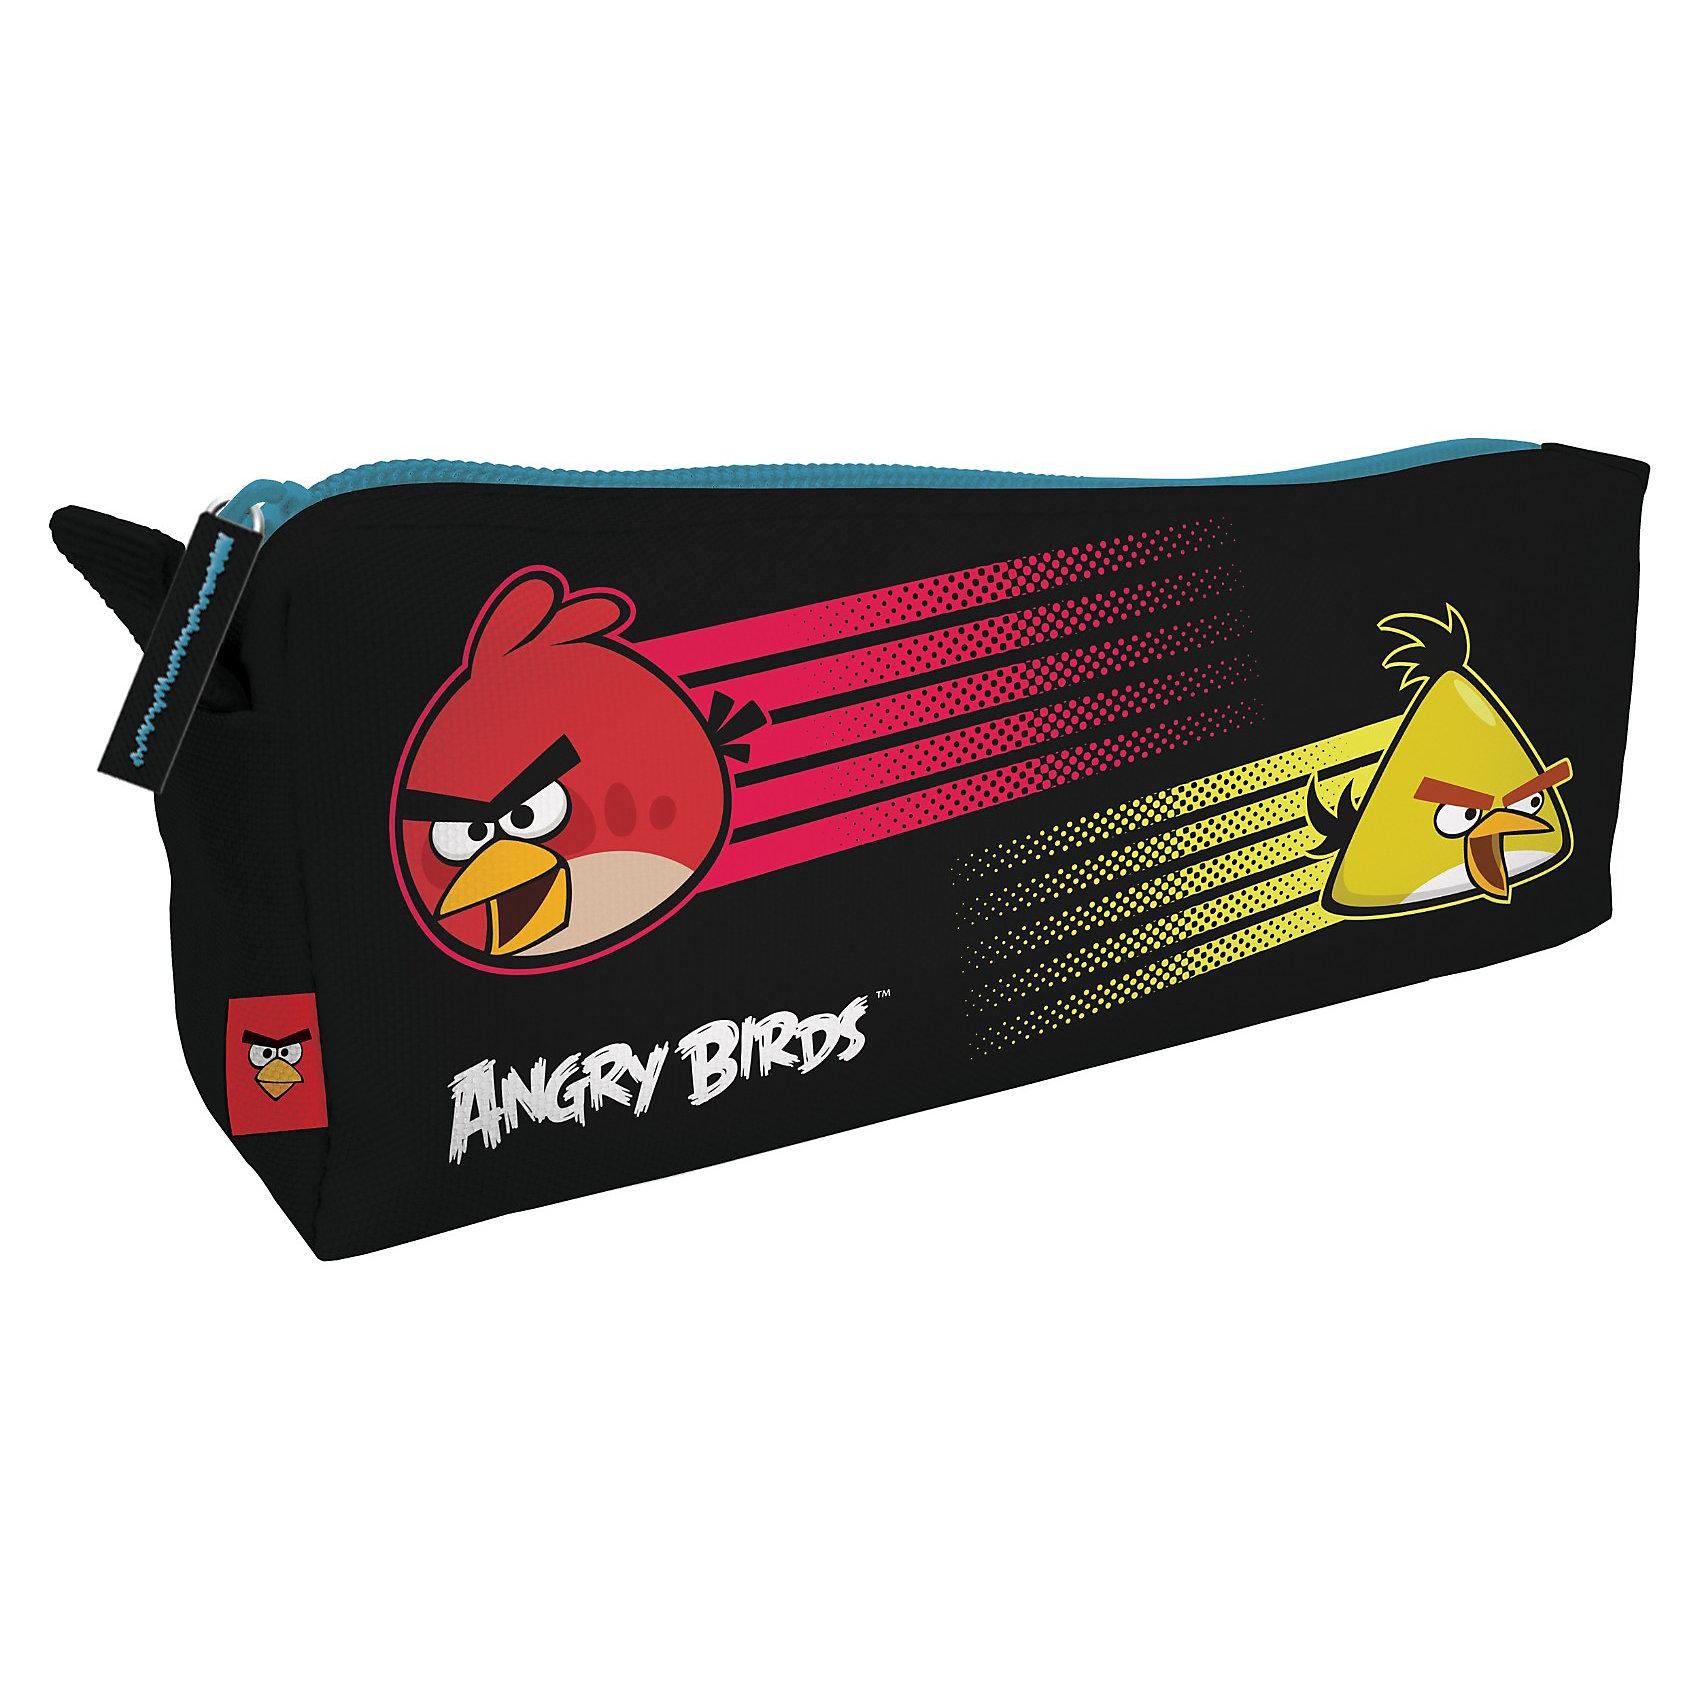 Пенал-косметичка, Angry BirdsПеналы без наполнения<br>Пенал Angry Birds (Энгри Бердс) поможет Вашему ребенку организовать свое школьное место и собрать все канцтовары в школу.<br><br>Пенал Angry Birds (Энгри Бердс) понравится школьникам разного возраста и пола. В него удобно складывать канцелярские принадлежности, носить с собой разные мелочи, а можно использовать этот пенал как оригинальную косметичку. Пенал-косметичка изготовлен из мягкого текстиля, закрывается на застежку-молнию.<br><br>Дополнительная информация:<br>- Размер: 80х20 мм.<br>- Материал: полиэстер<br><br>Пенал-косметичку Angry Birds (Злые Птички) можно купить в нашем интернет-магазине.<br><br>Ширина мм: 260<br>Глубина мм: 150<br>Высота мм: 150<br>Вес г: 300<br>Возраст от месяцев: 120<br>Возраст до месяцев: 144<br>Пол: Унисекс<br>Возраст: Детский<br>SKU: 3563256